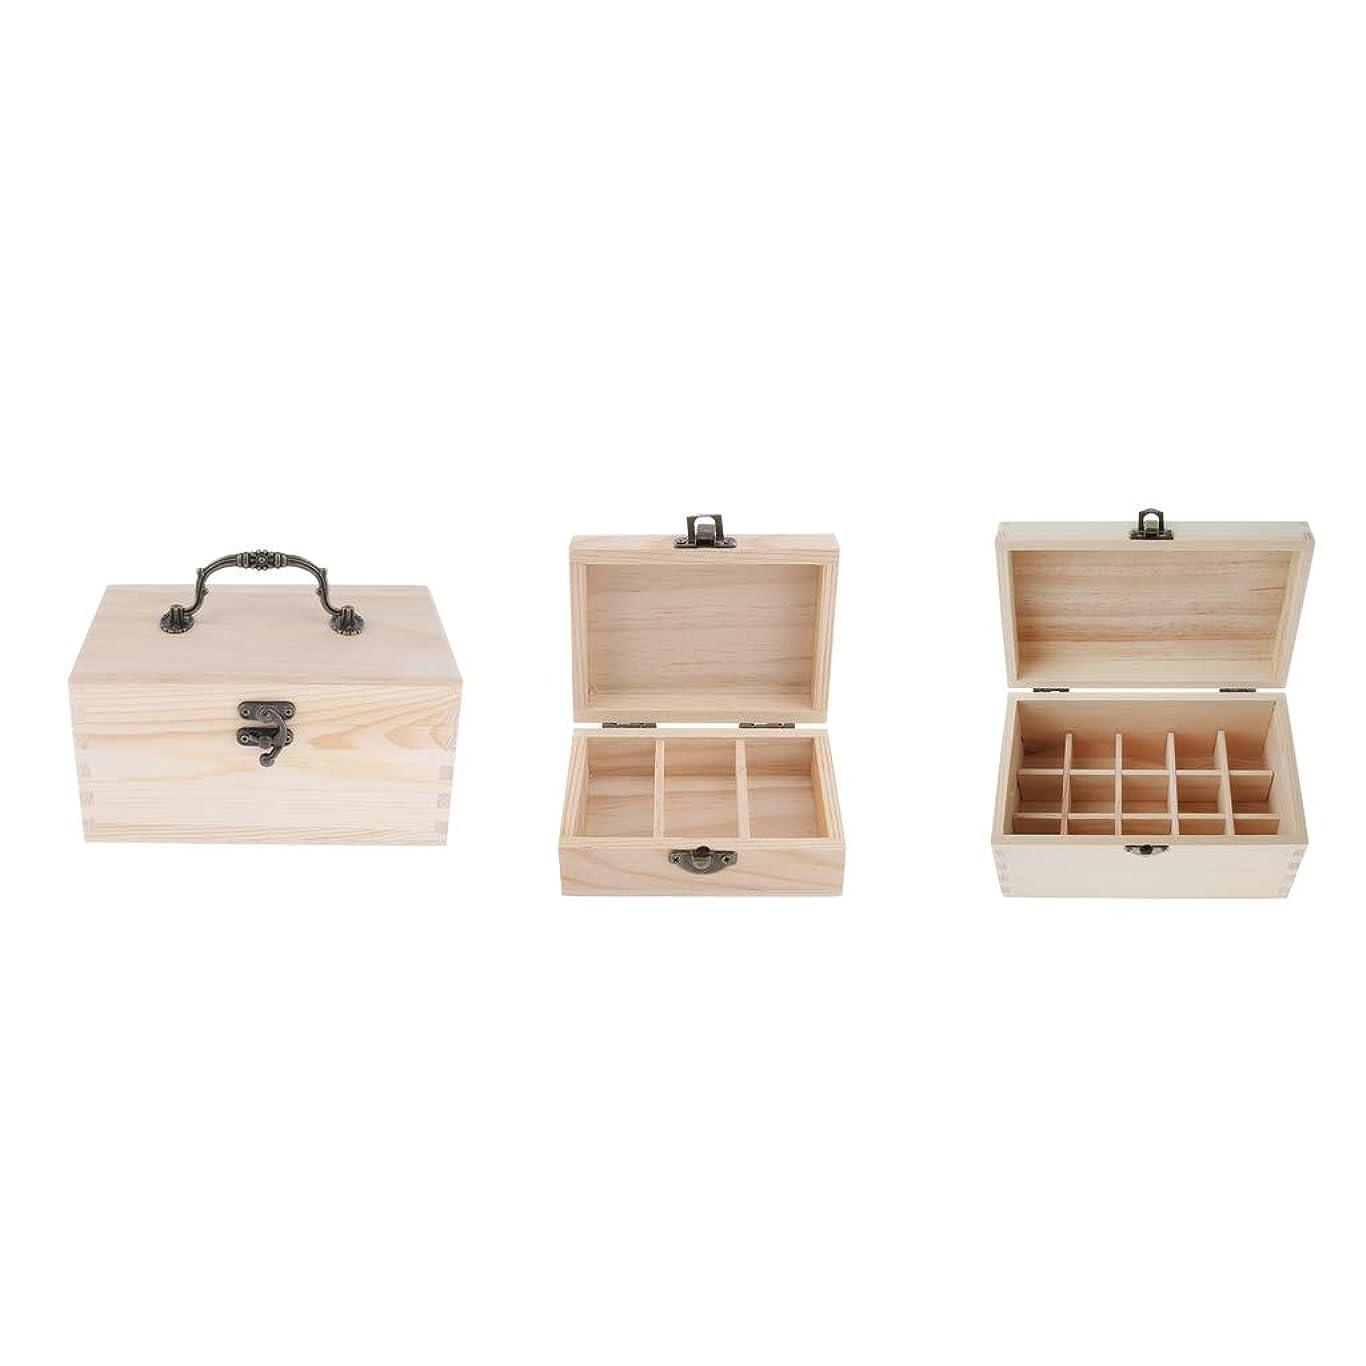 頑固な意識タイピストchiwanji エッセンシャルオイル 収納ボックス精油ケース 収納ボックス 香水収納ケース アロマオイル収納ボックス3個入